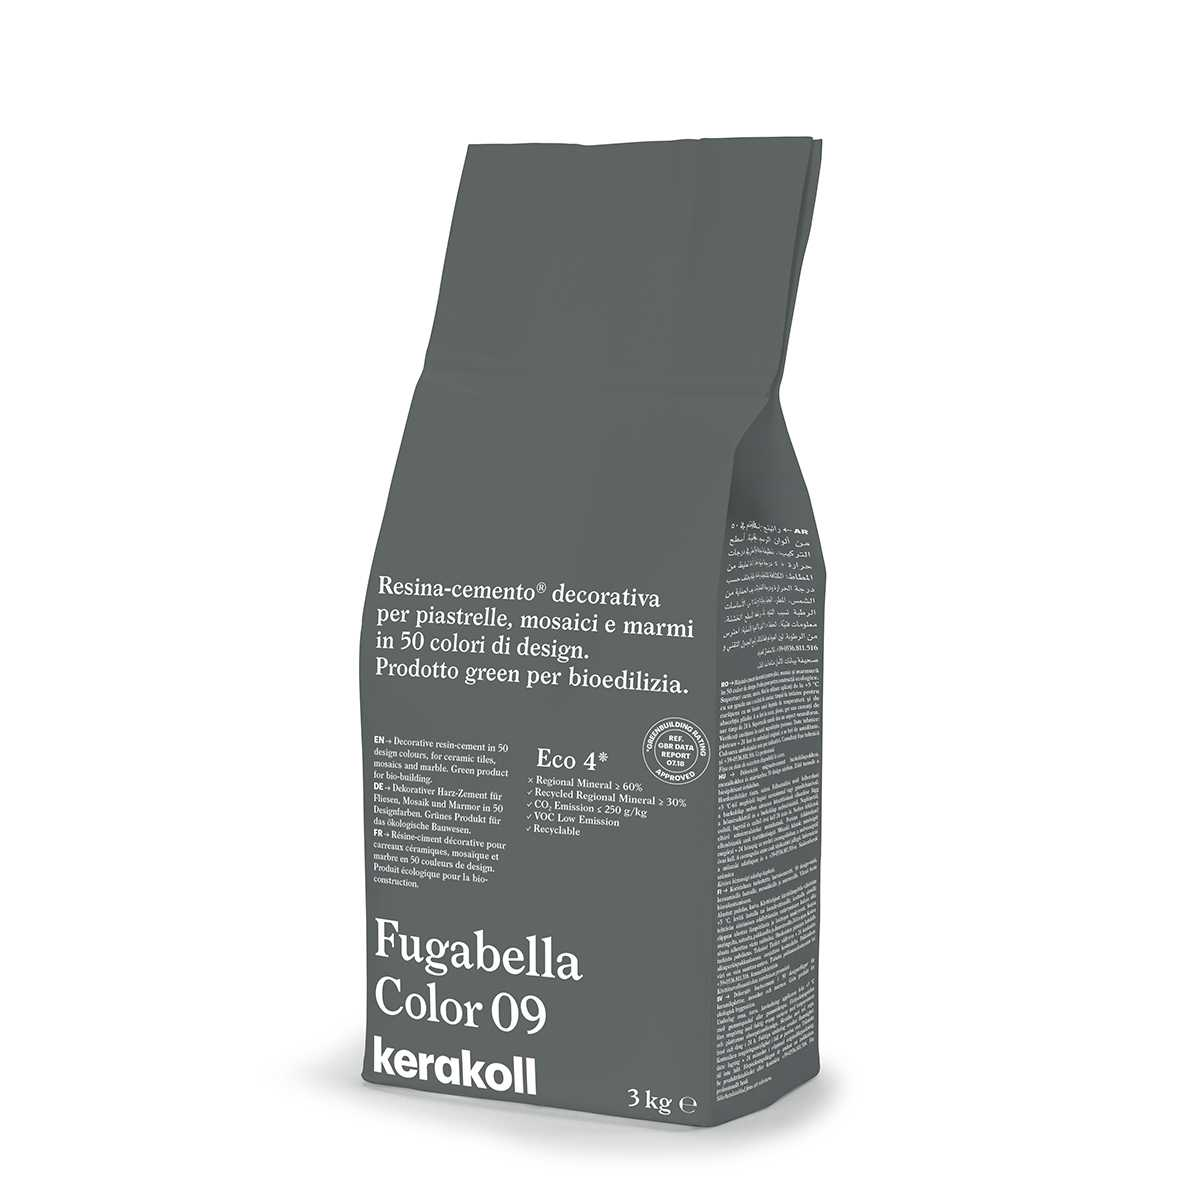 Kerakoll Fugabella Color 09 3kg stucco per fughe uso interno ed esterno